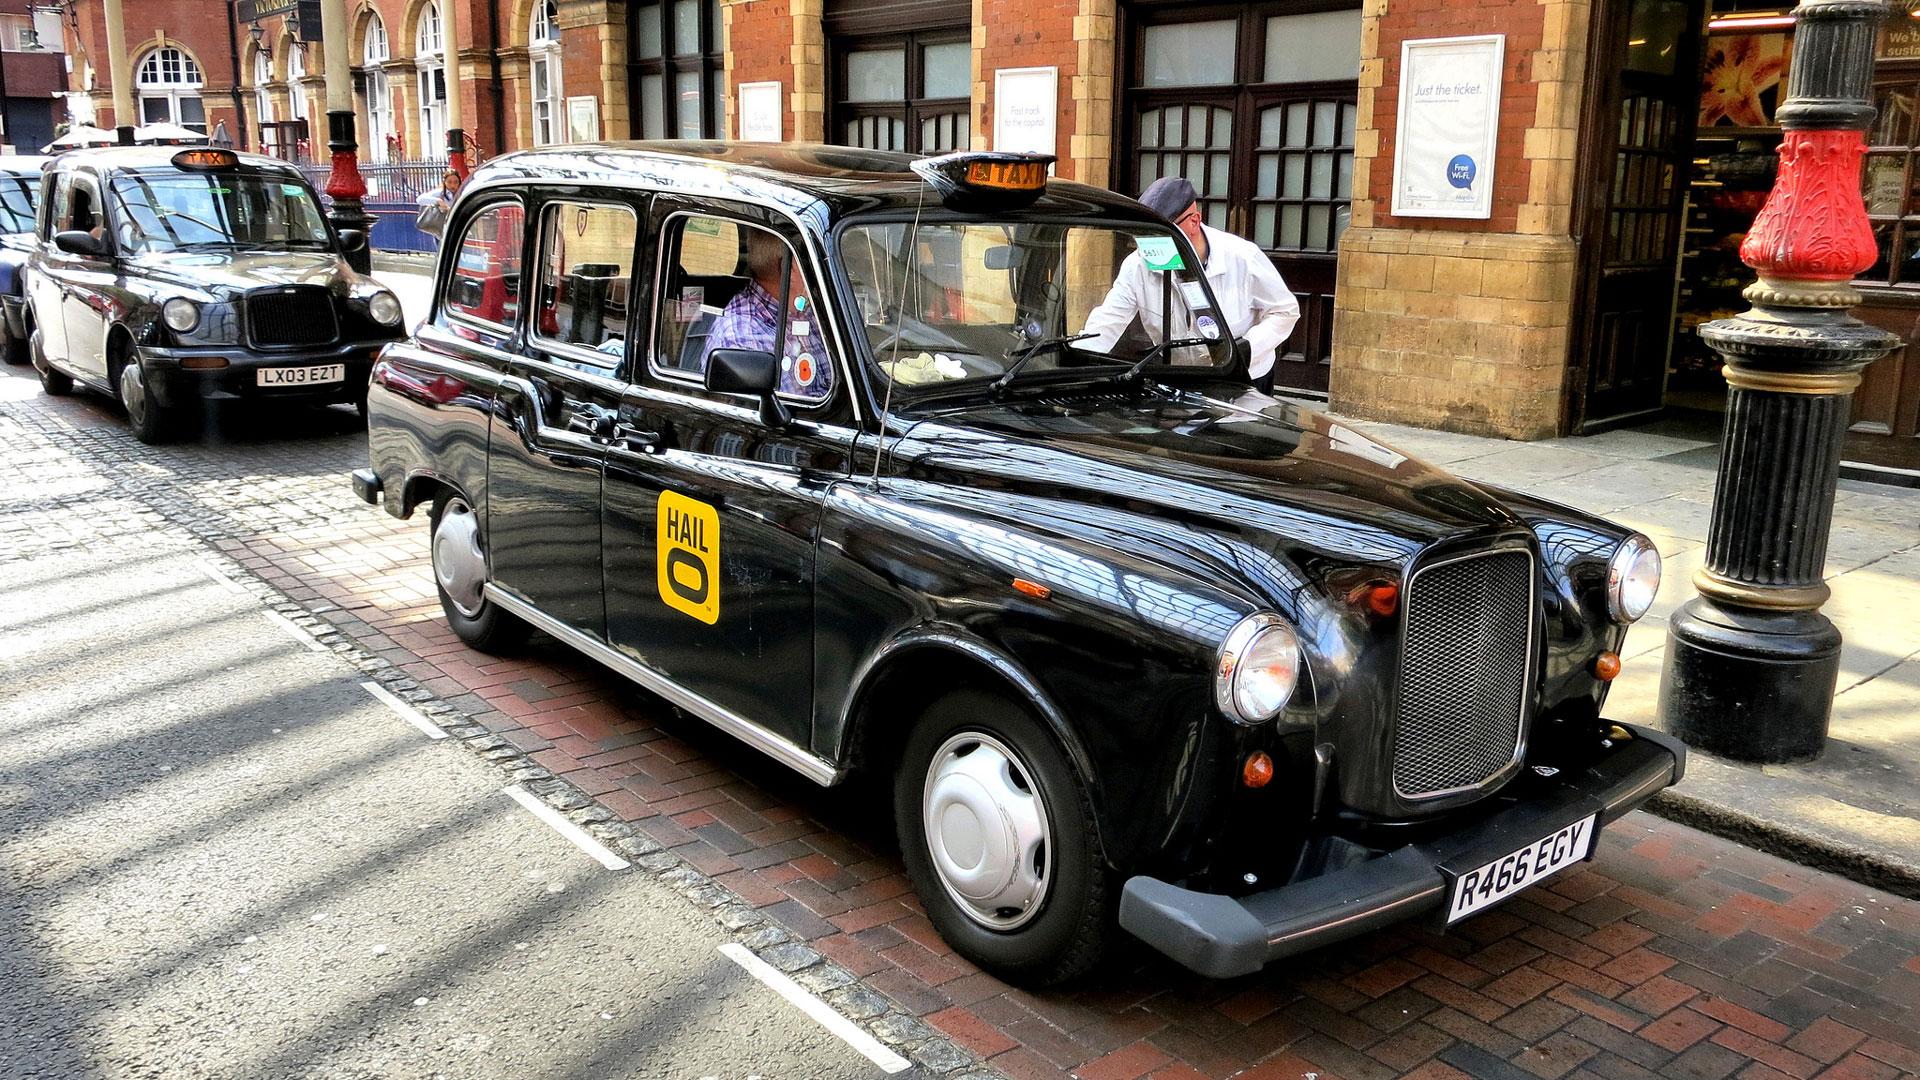 les taxis londoniens vont accepter les cartes bancaires pour contrer uber tech numerama. Black Bedroom Furniture Sets. Home Design Ideas